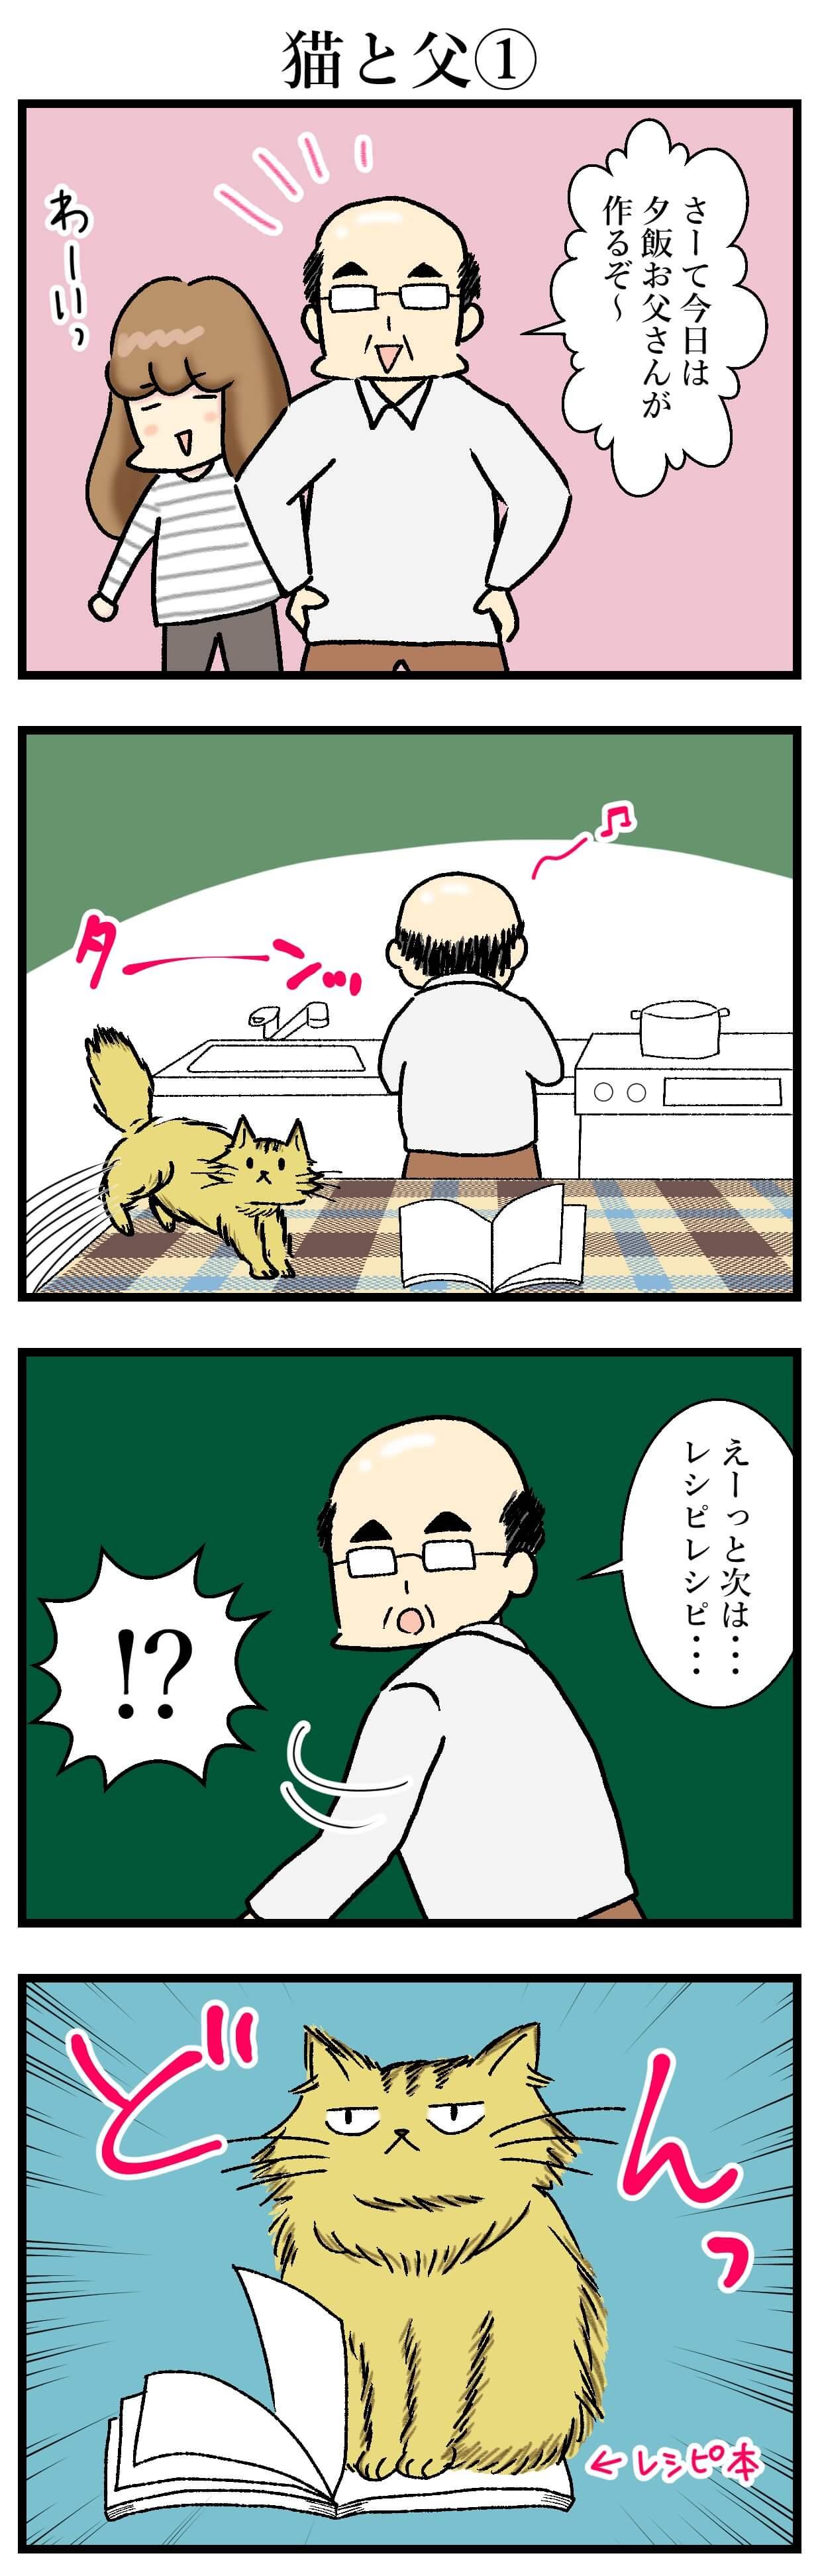 【エッセイ漫画】アラサー主婦くま子のふがいない日常(69)